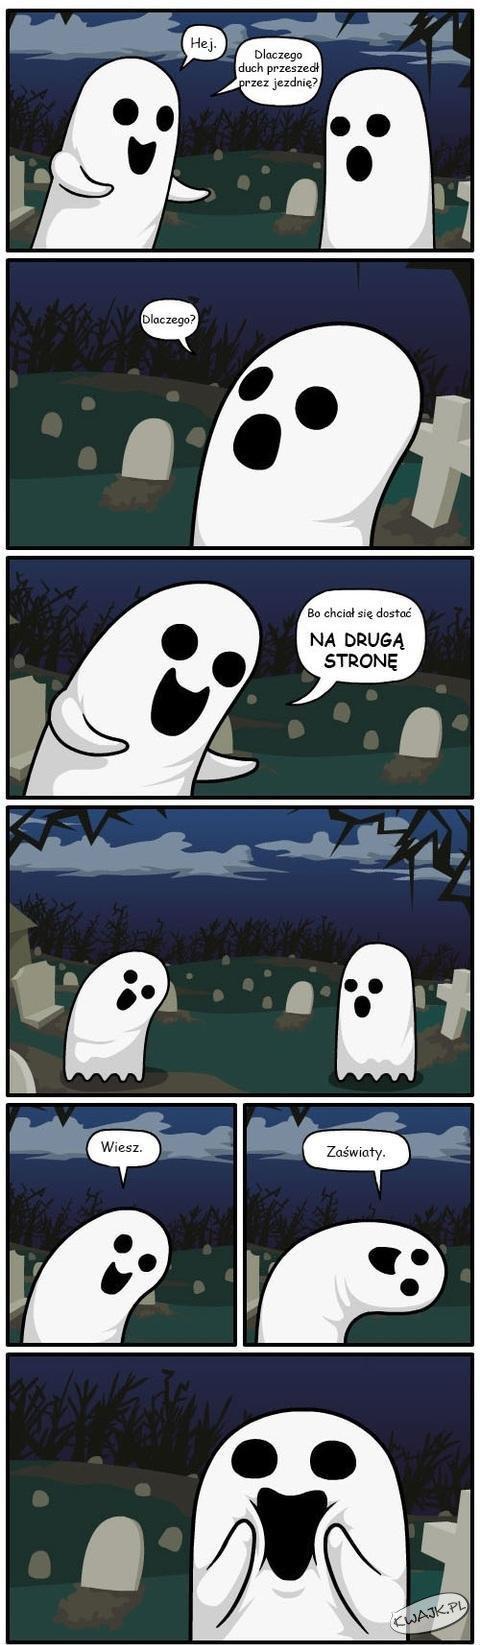 Żart o duchach